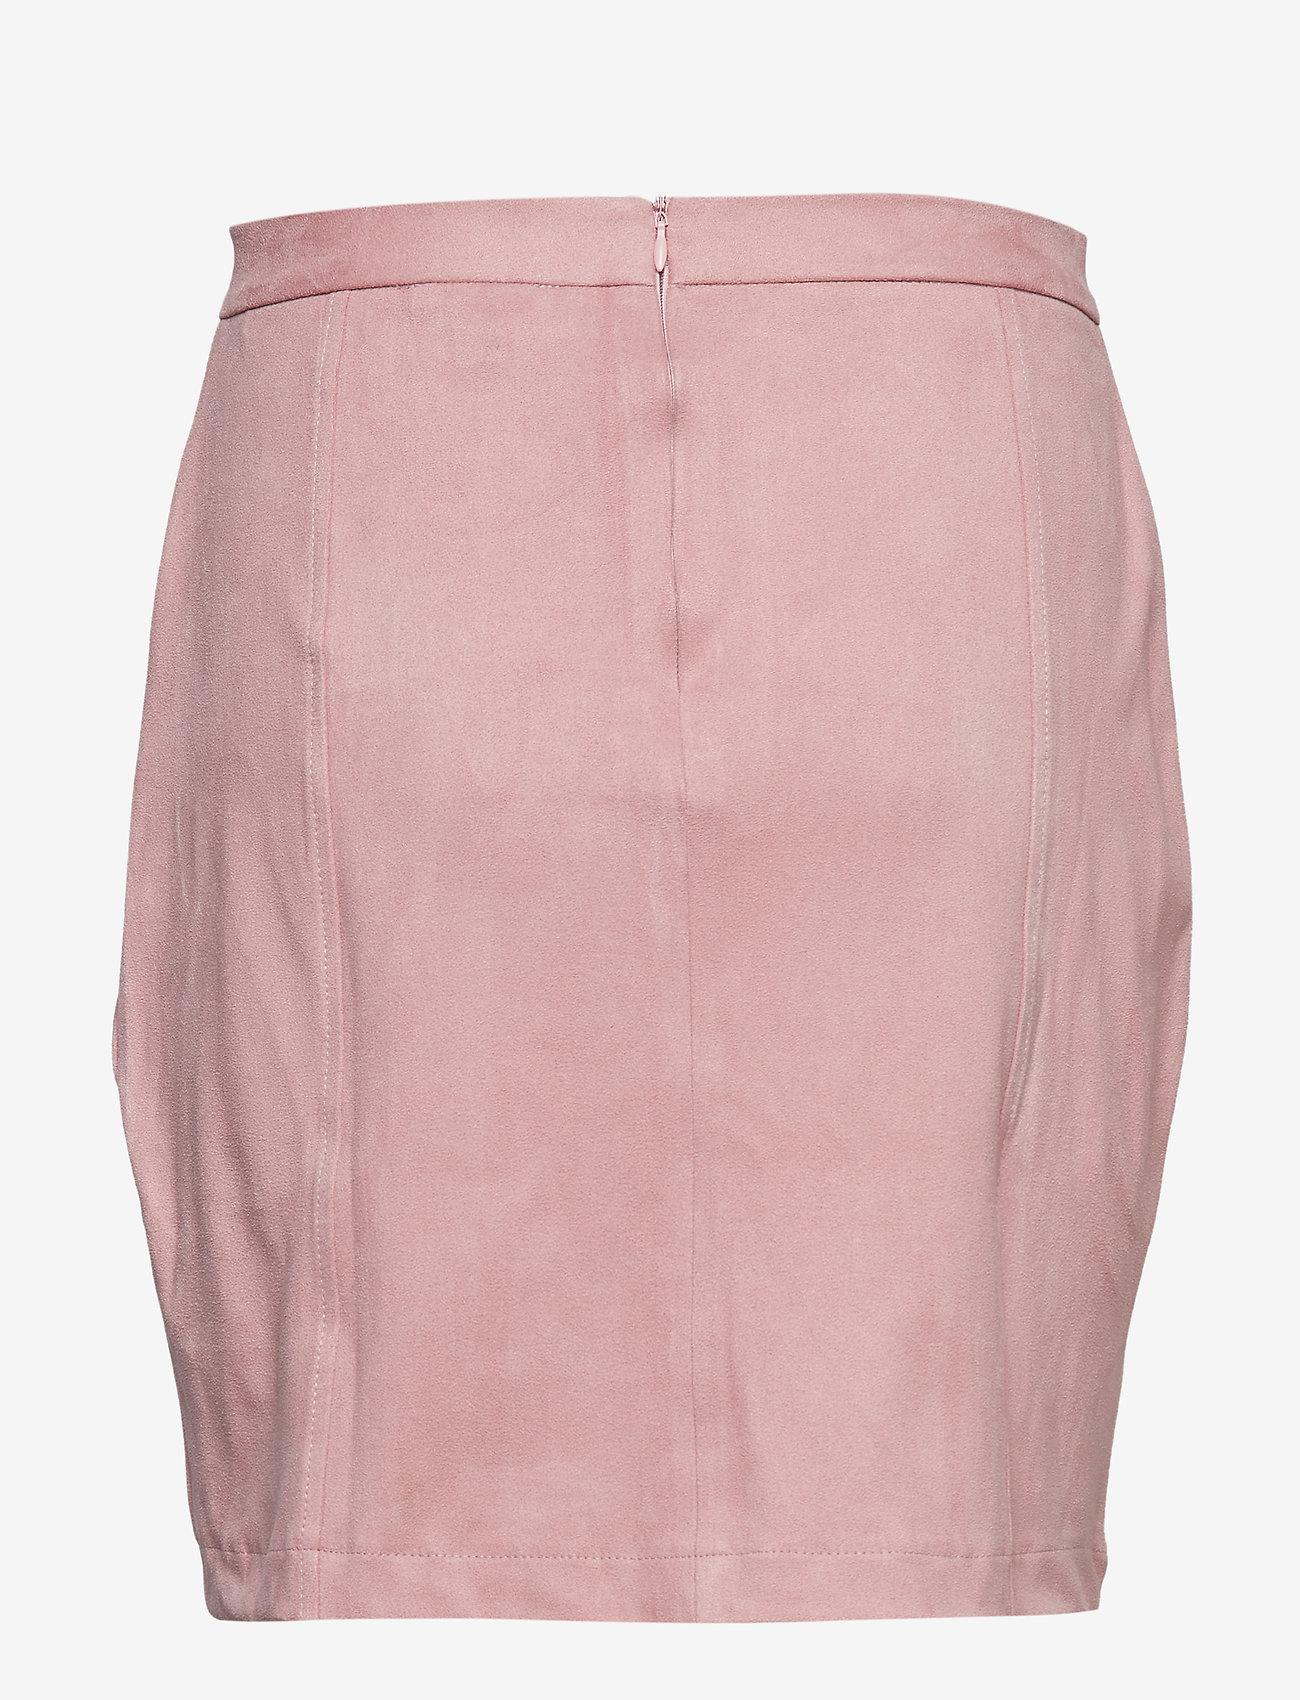 Esprit Casual Skirts knitted - Spódnice OLD PINK - Kobiety Odzież.